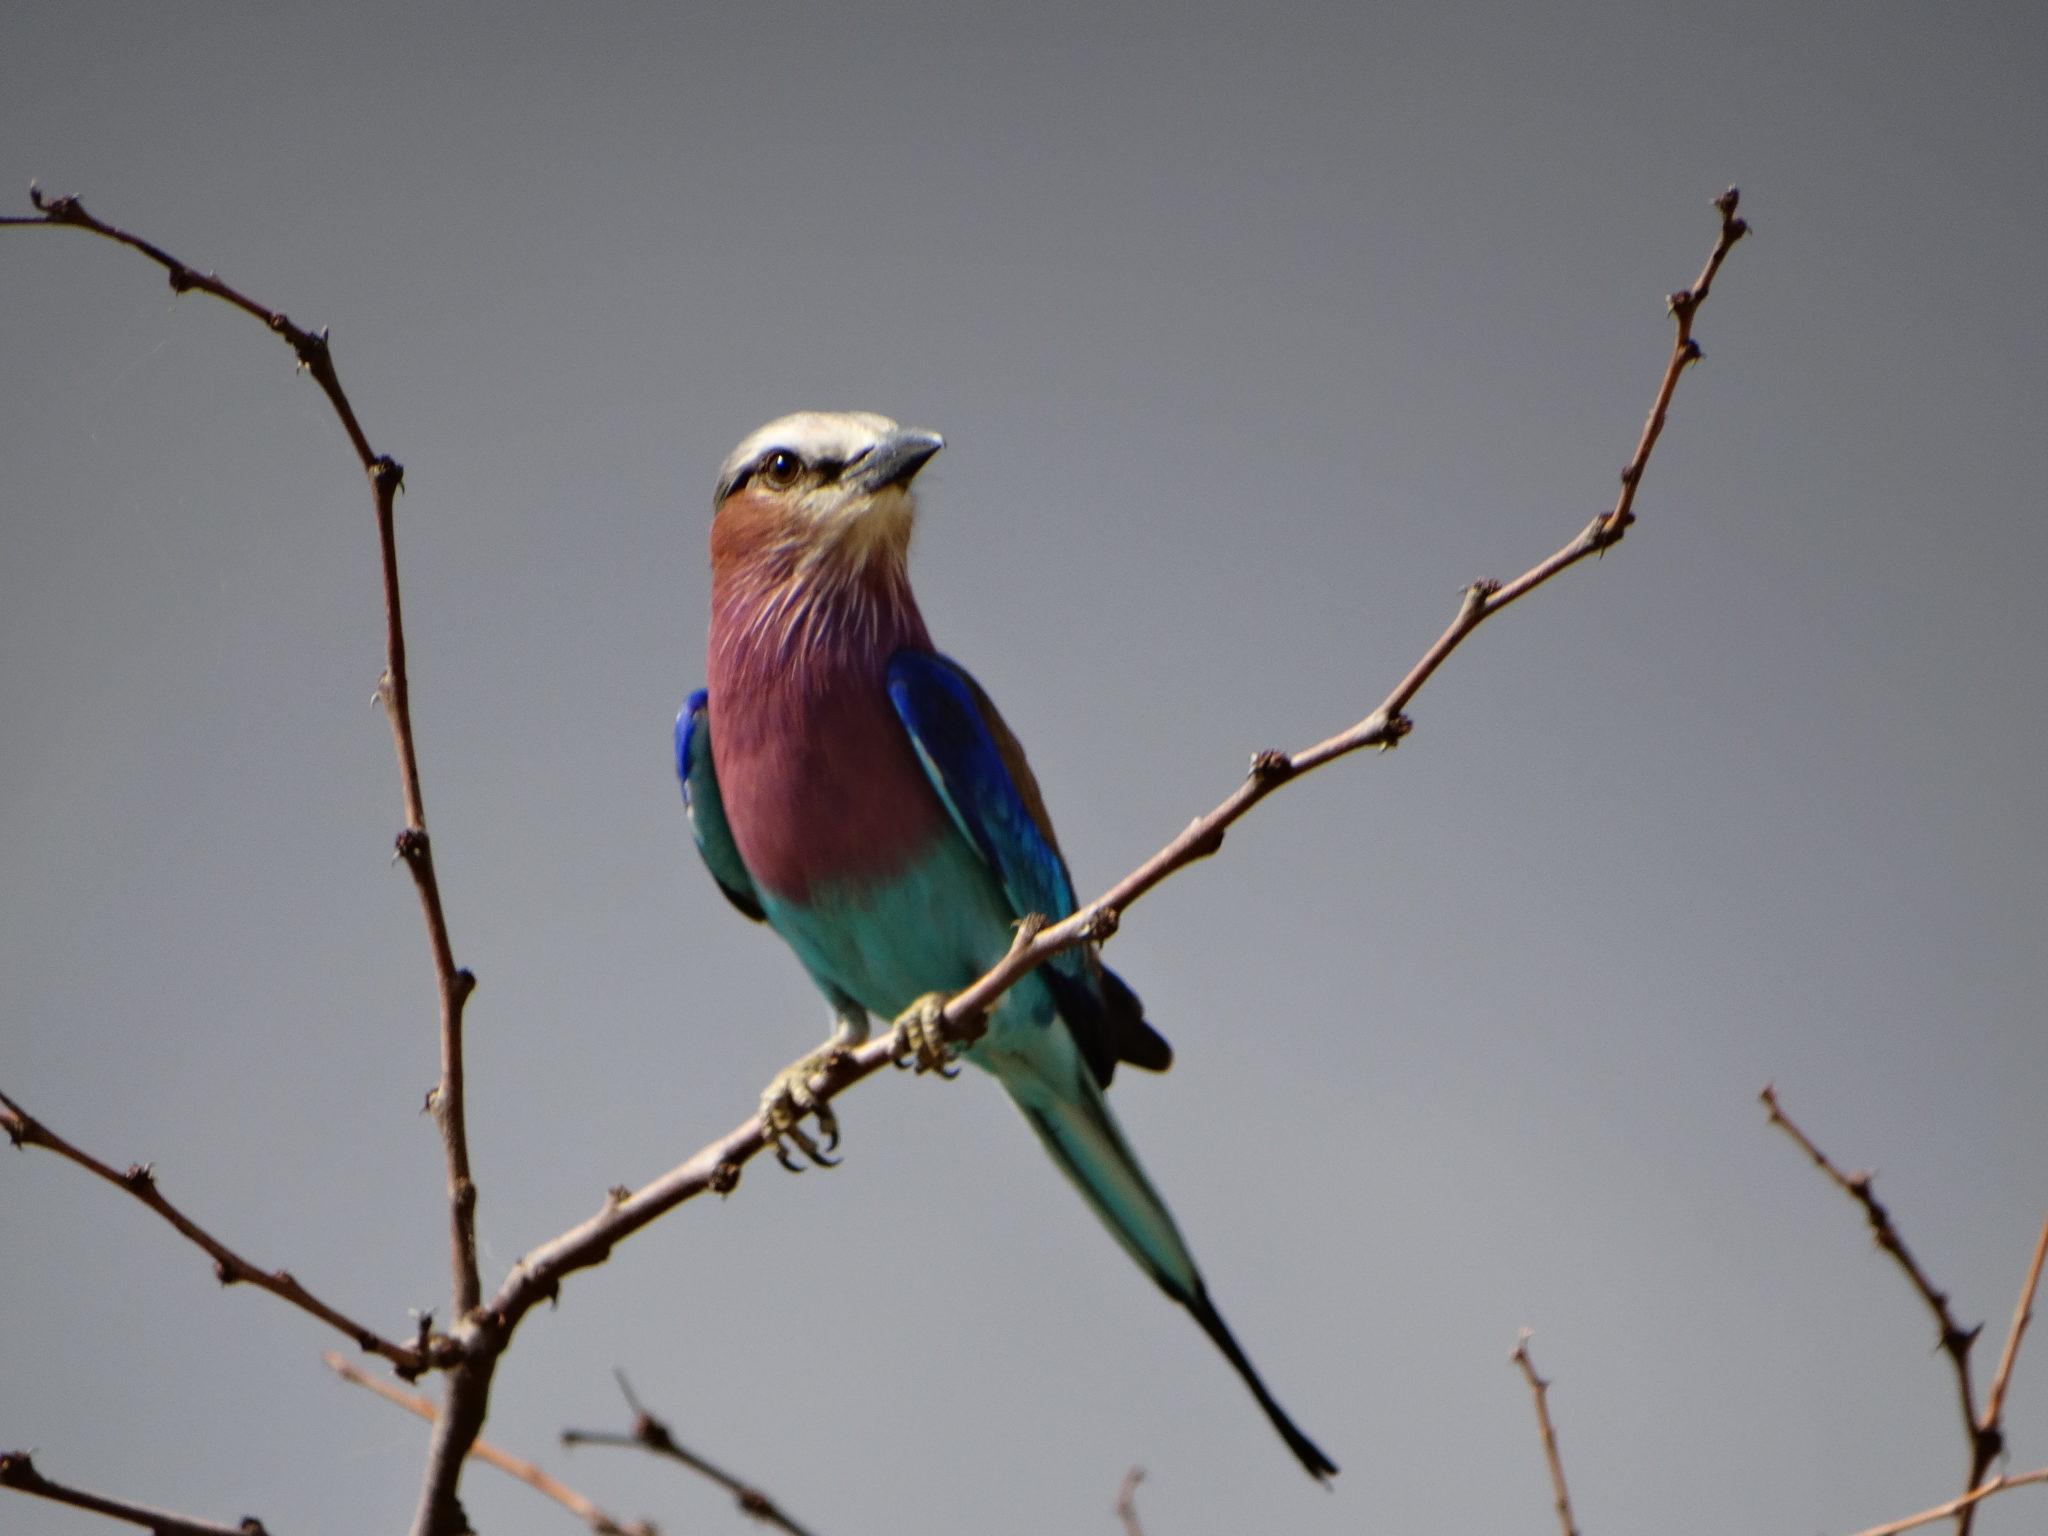 Een kleurrijk vogeltje, waarvan de naam ons helaas niet meer te binnen schiet